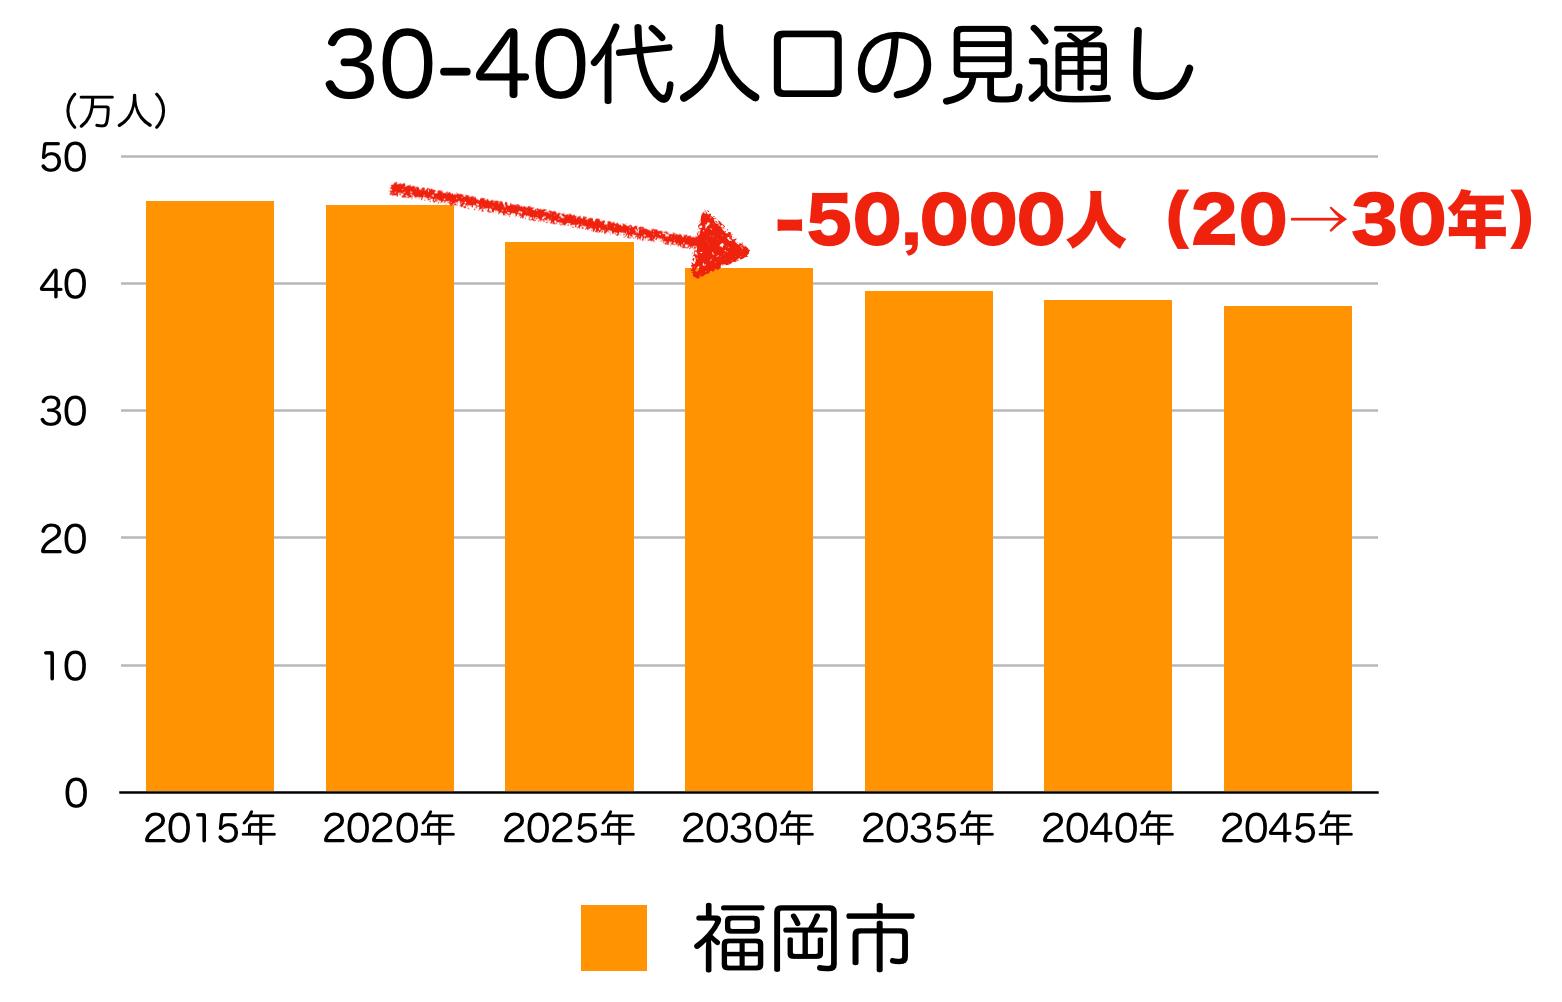 福岡市の30〜40代人口の予測